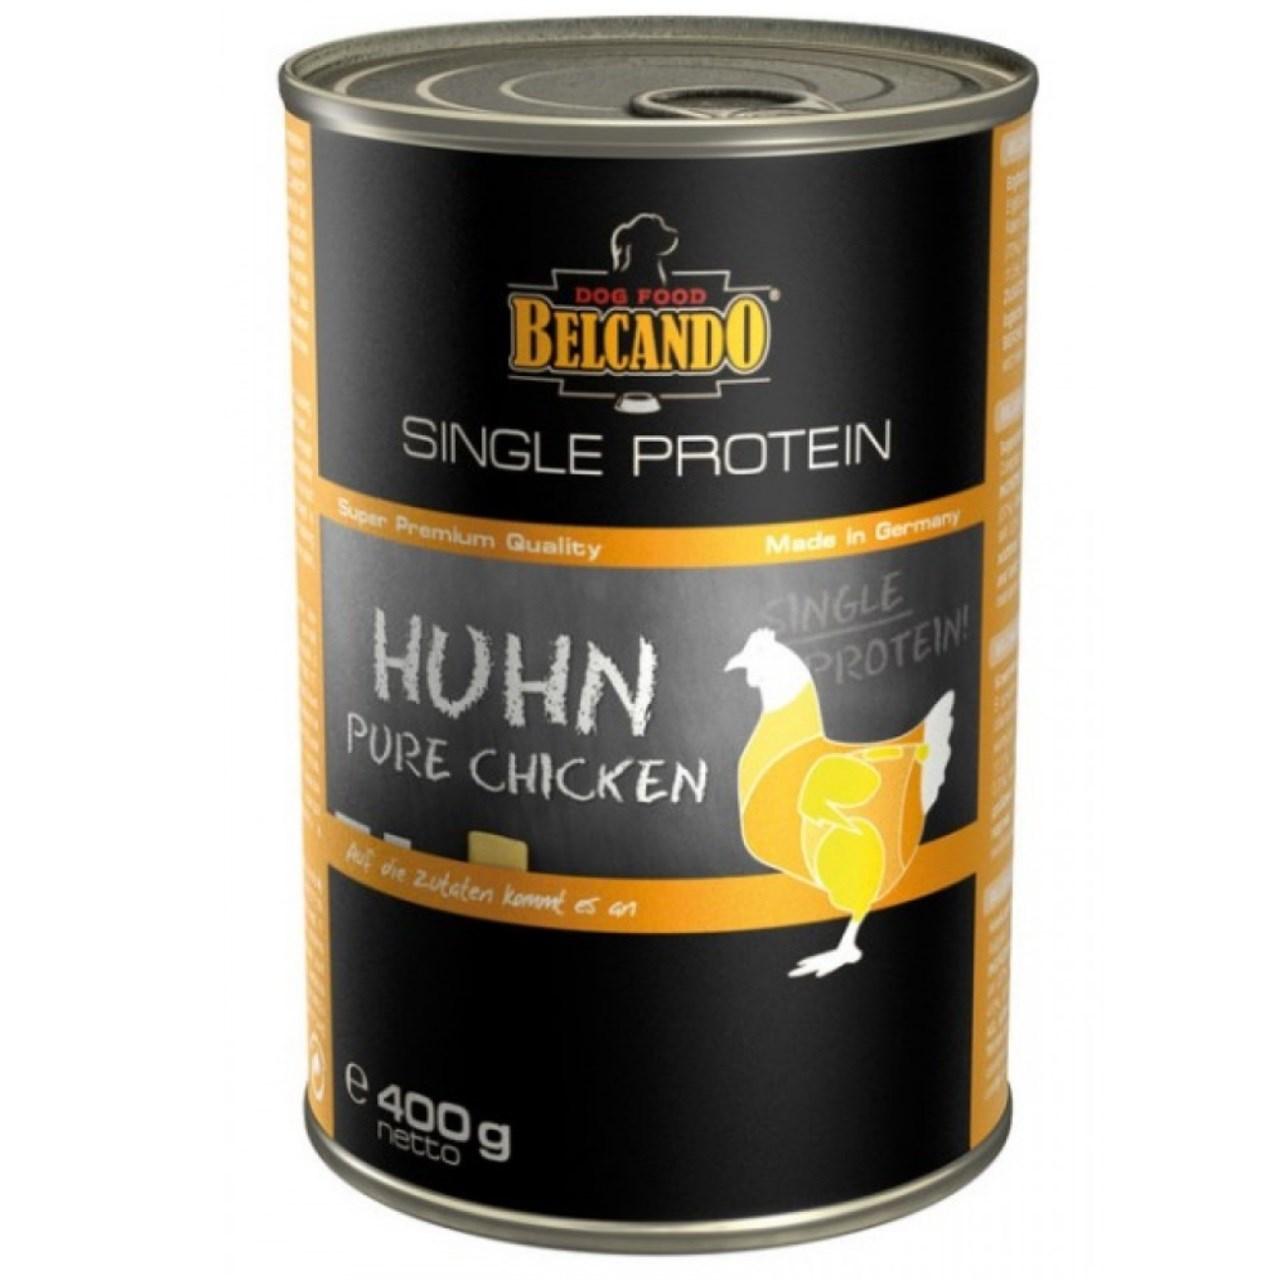 کنسرو سگ بلکاندو مدل SP Chicken وزن 0.4 کیلوگرم